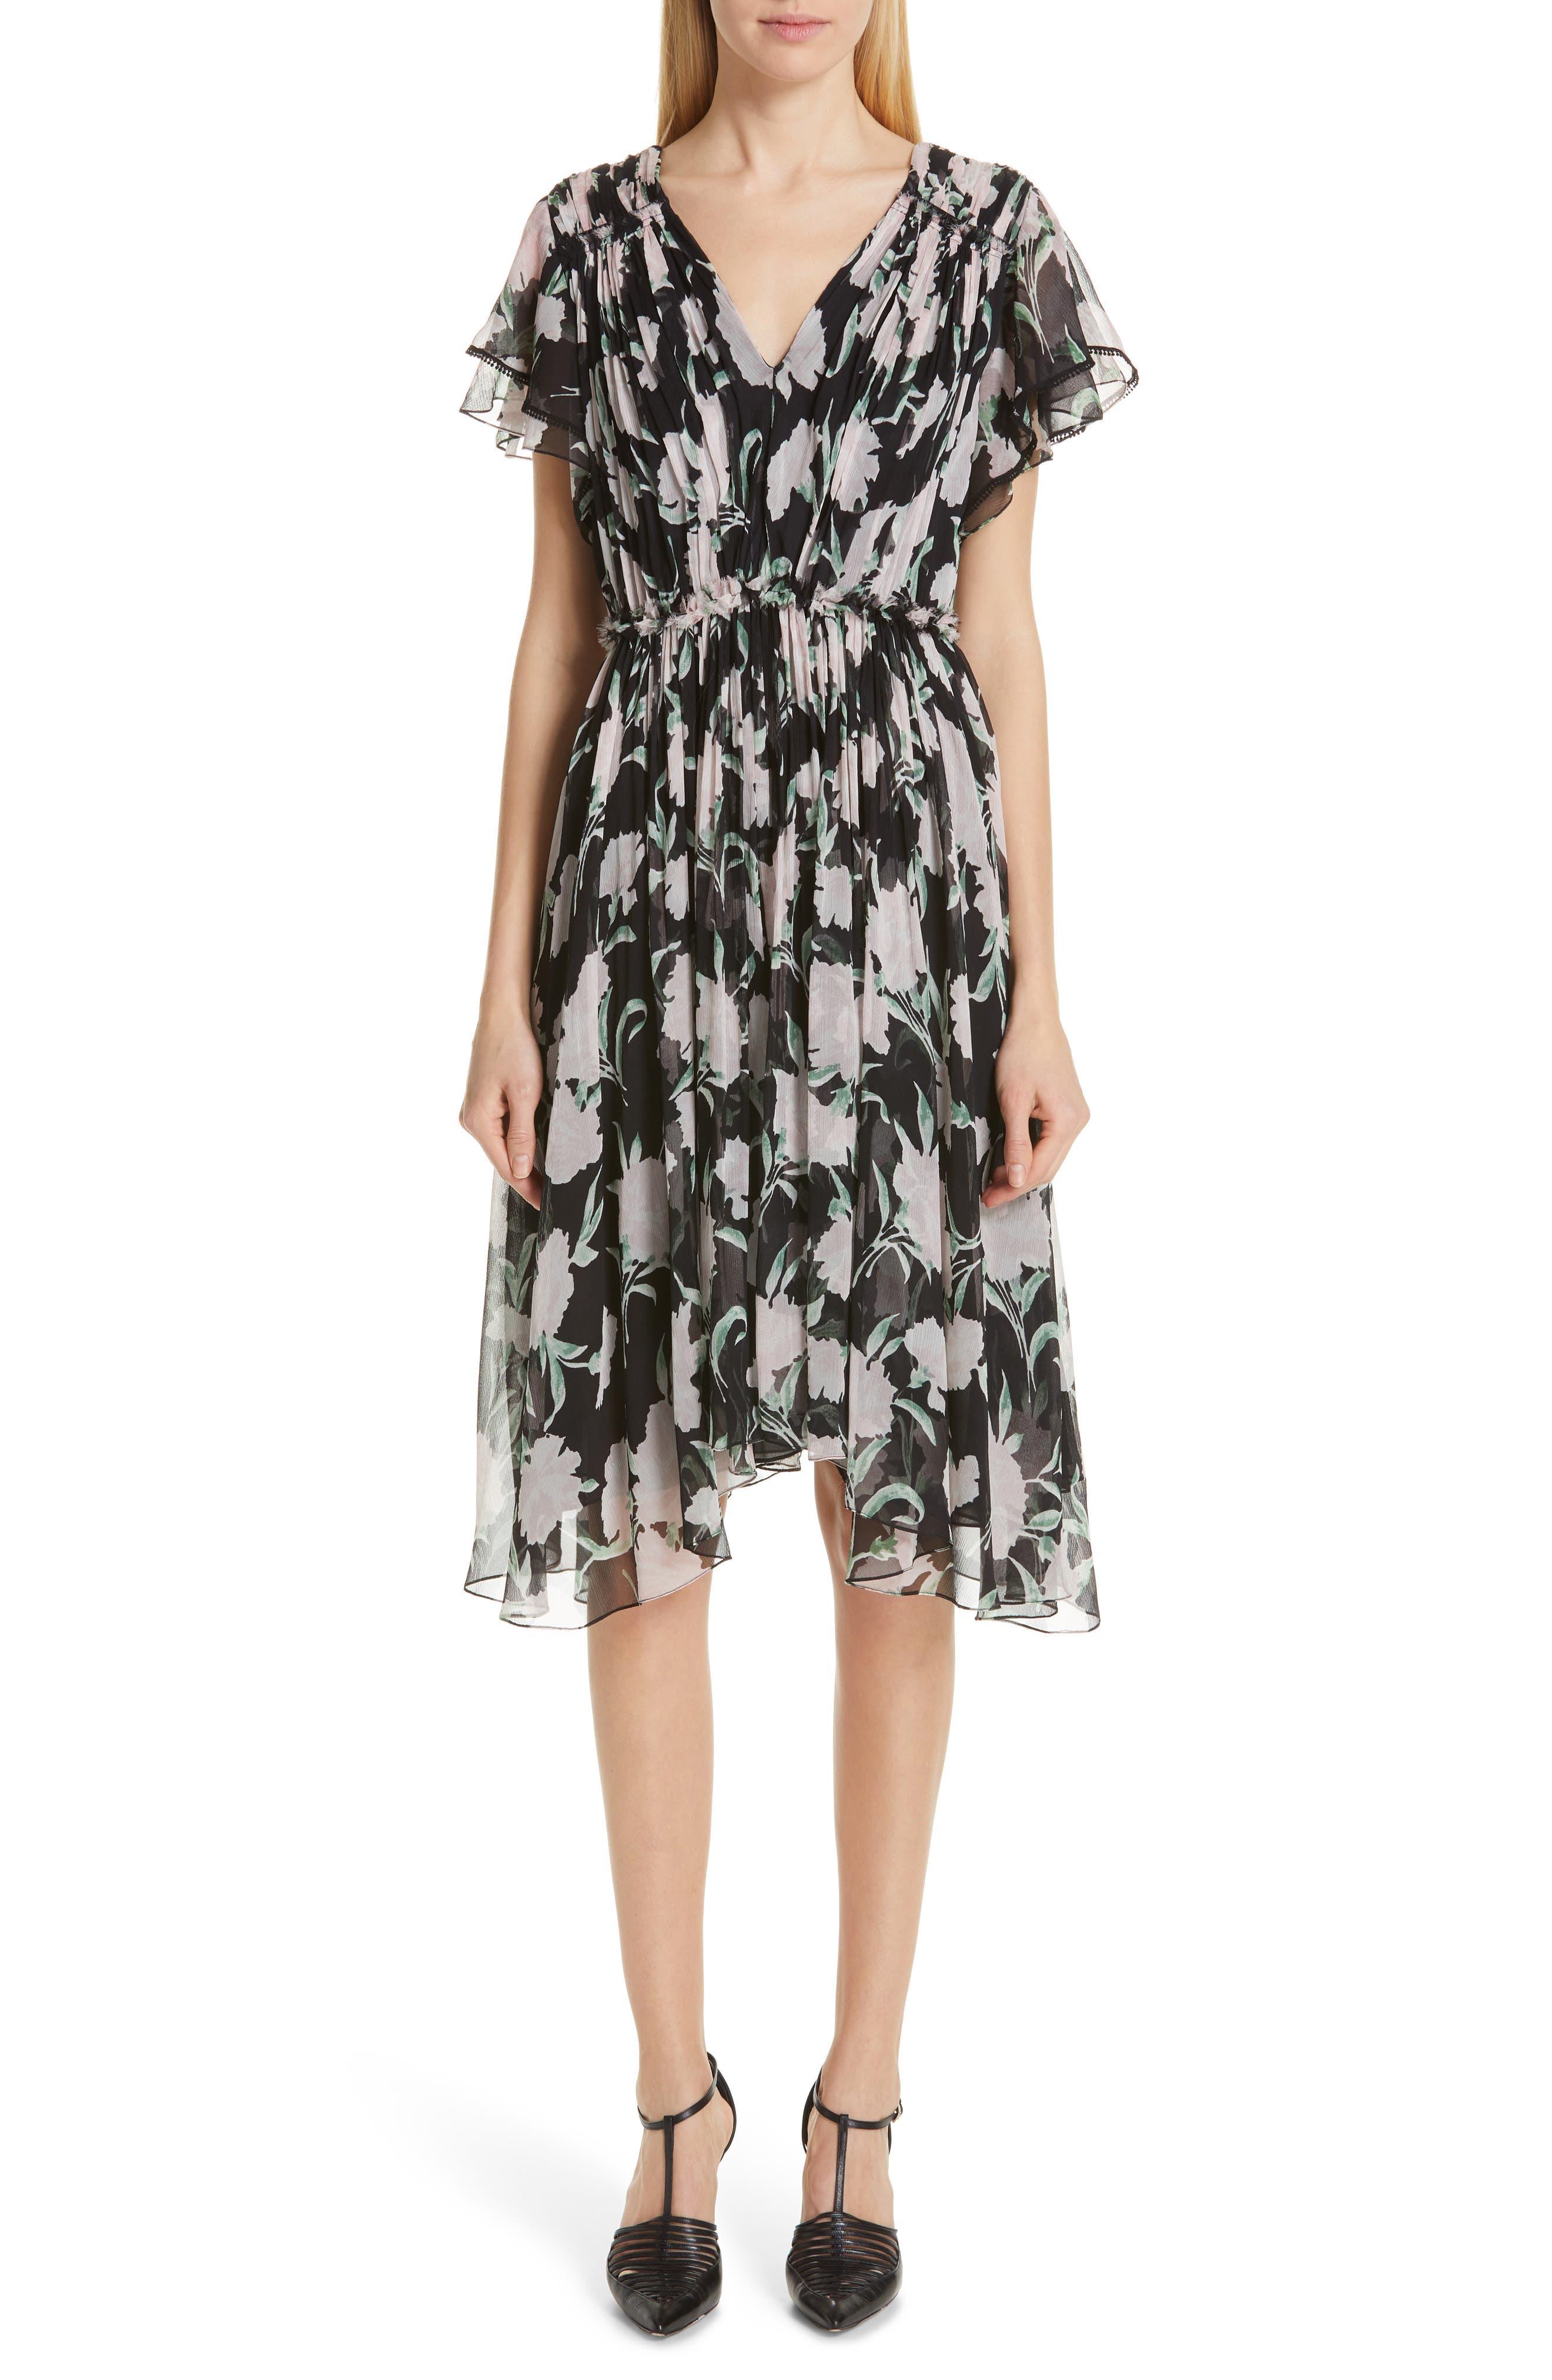 Jason Wu Collection Floral Print Chiffon Dress, Pink